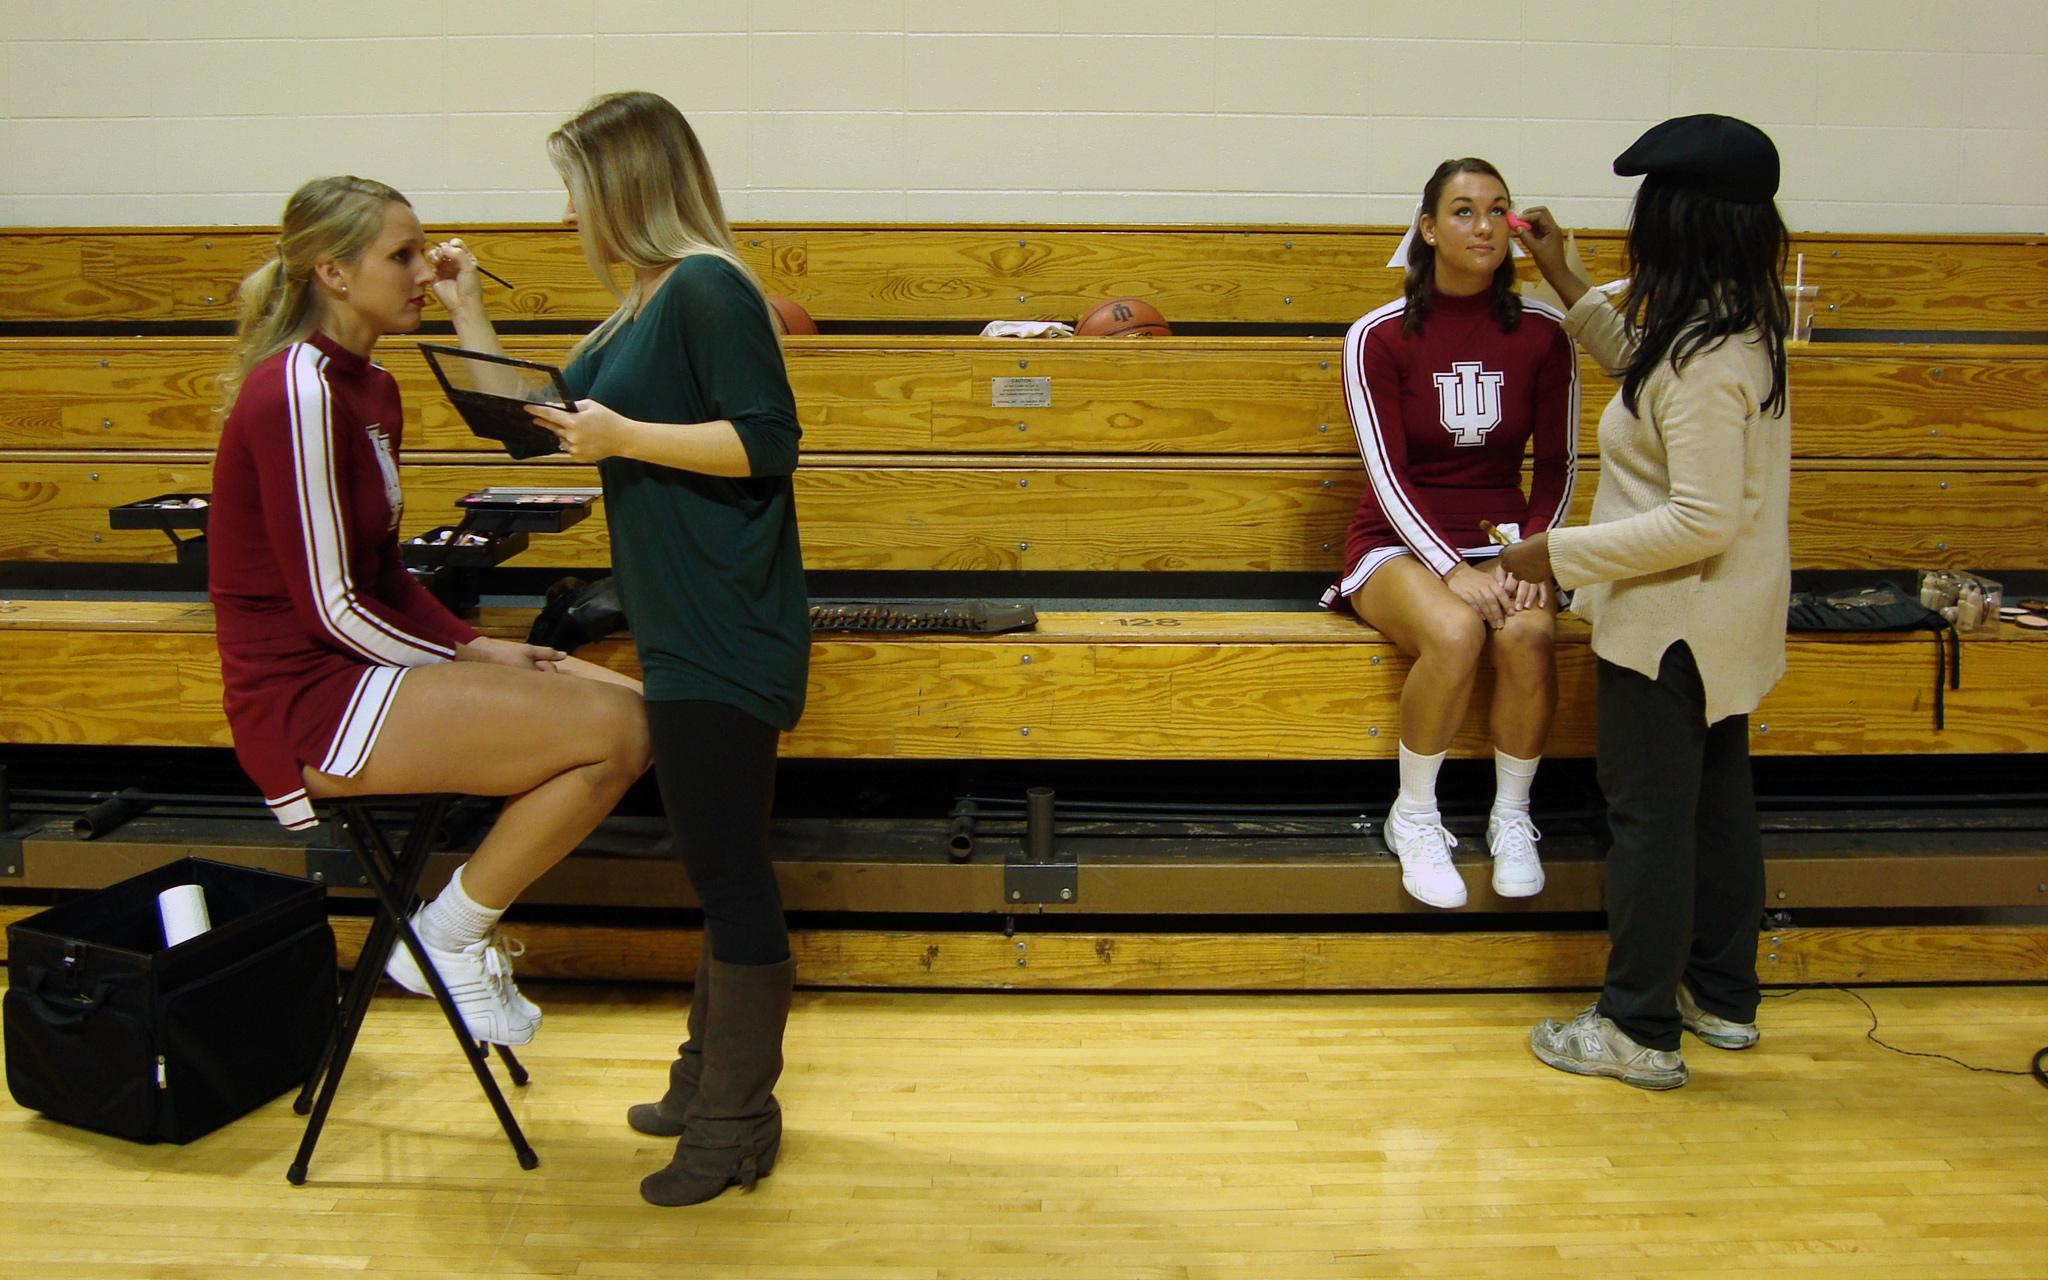 Cody Zeller: Behind the Scenes